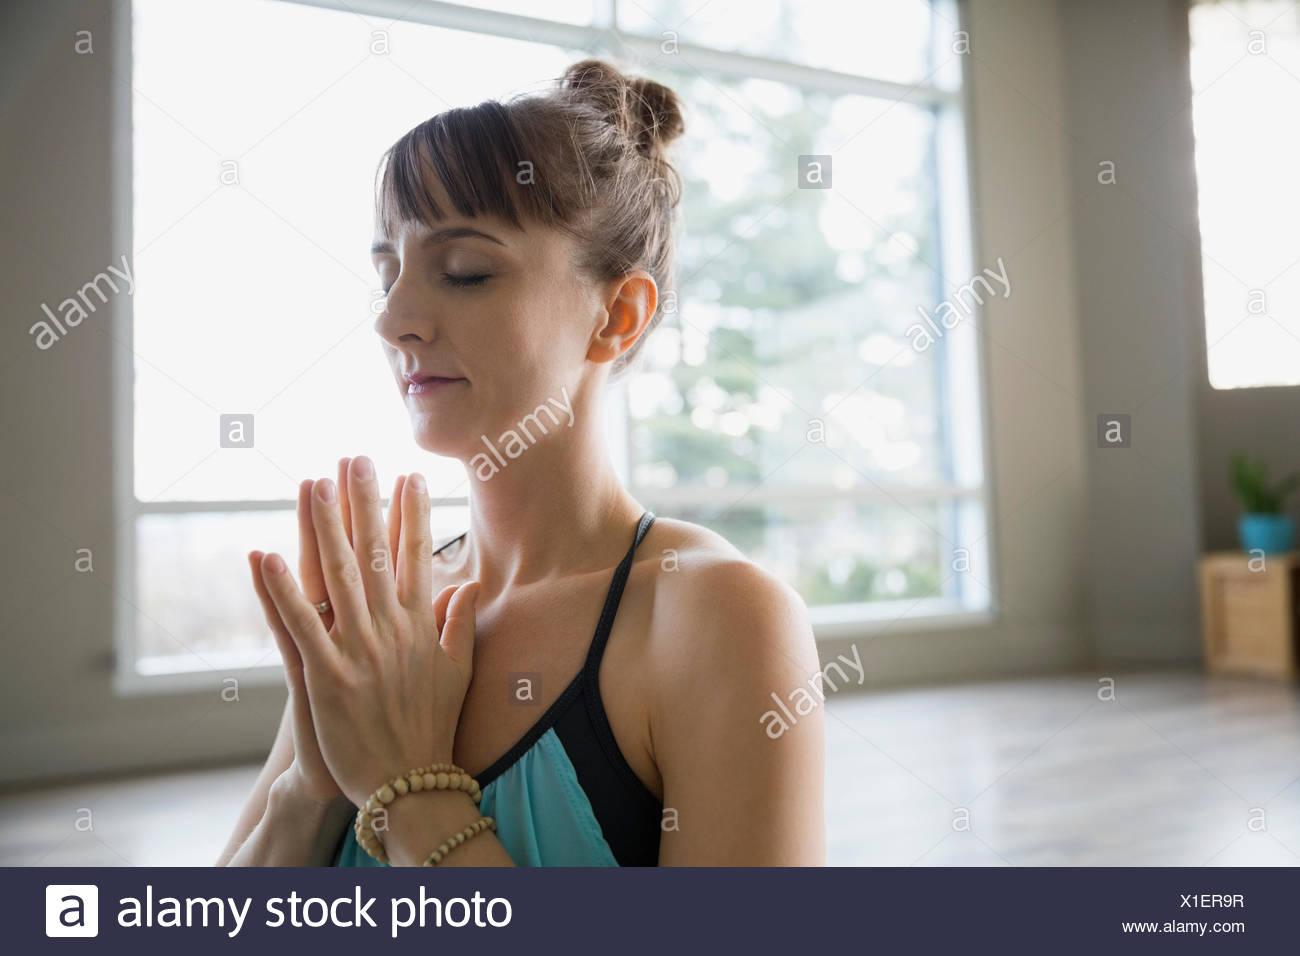 Frau mit Hände im Gebet Position meditieren Stockbild